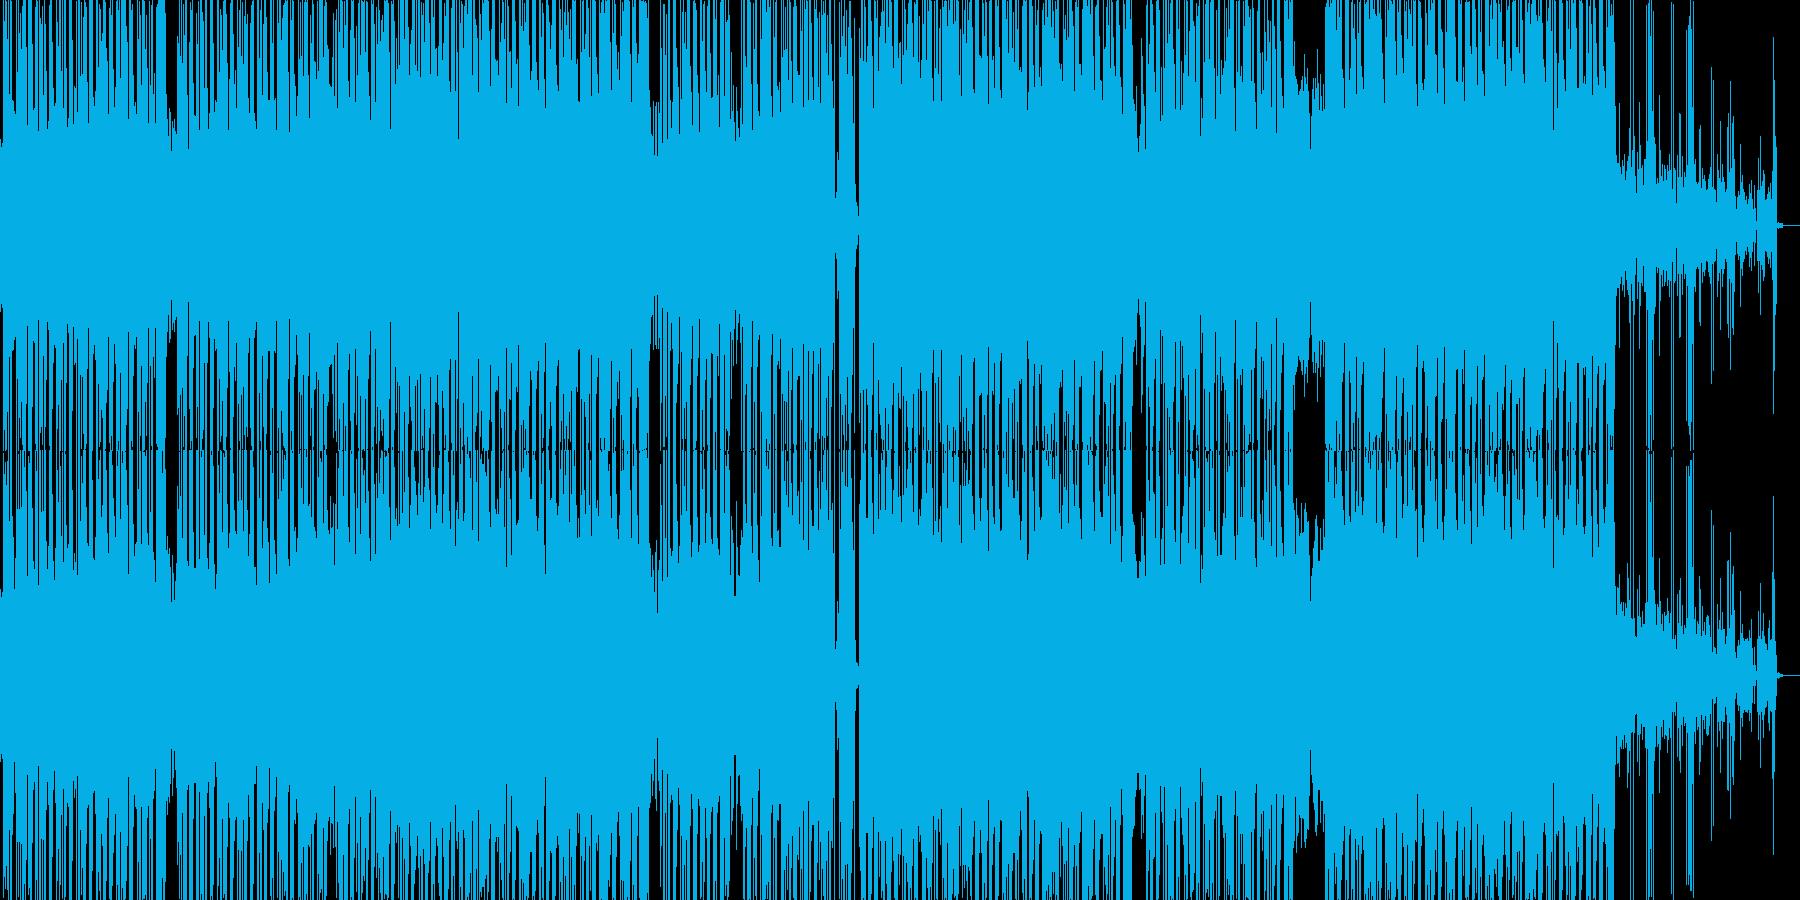 コミカルな雰囲気のR&B風のポップの再生済みの波形